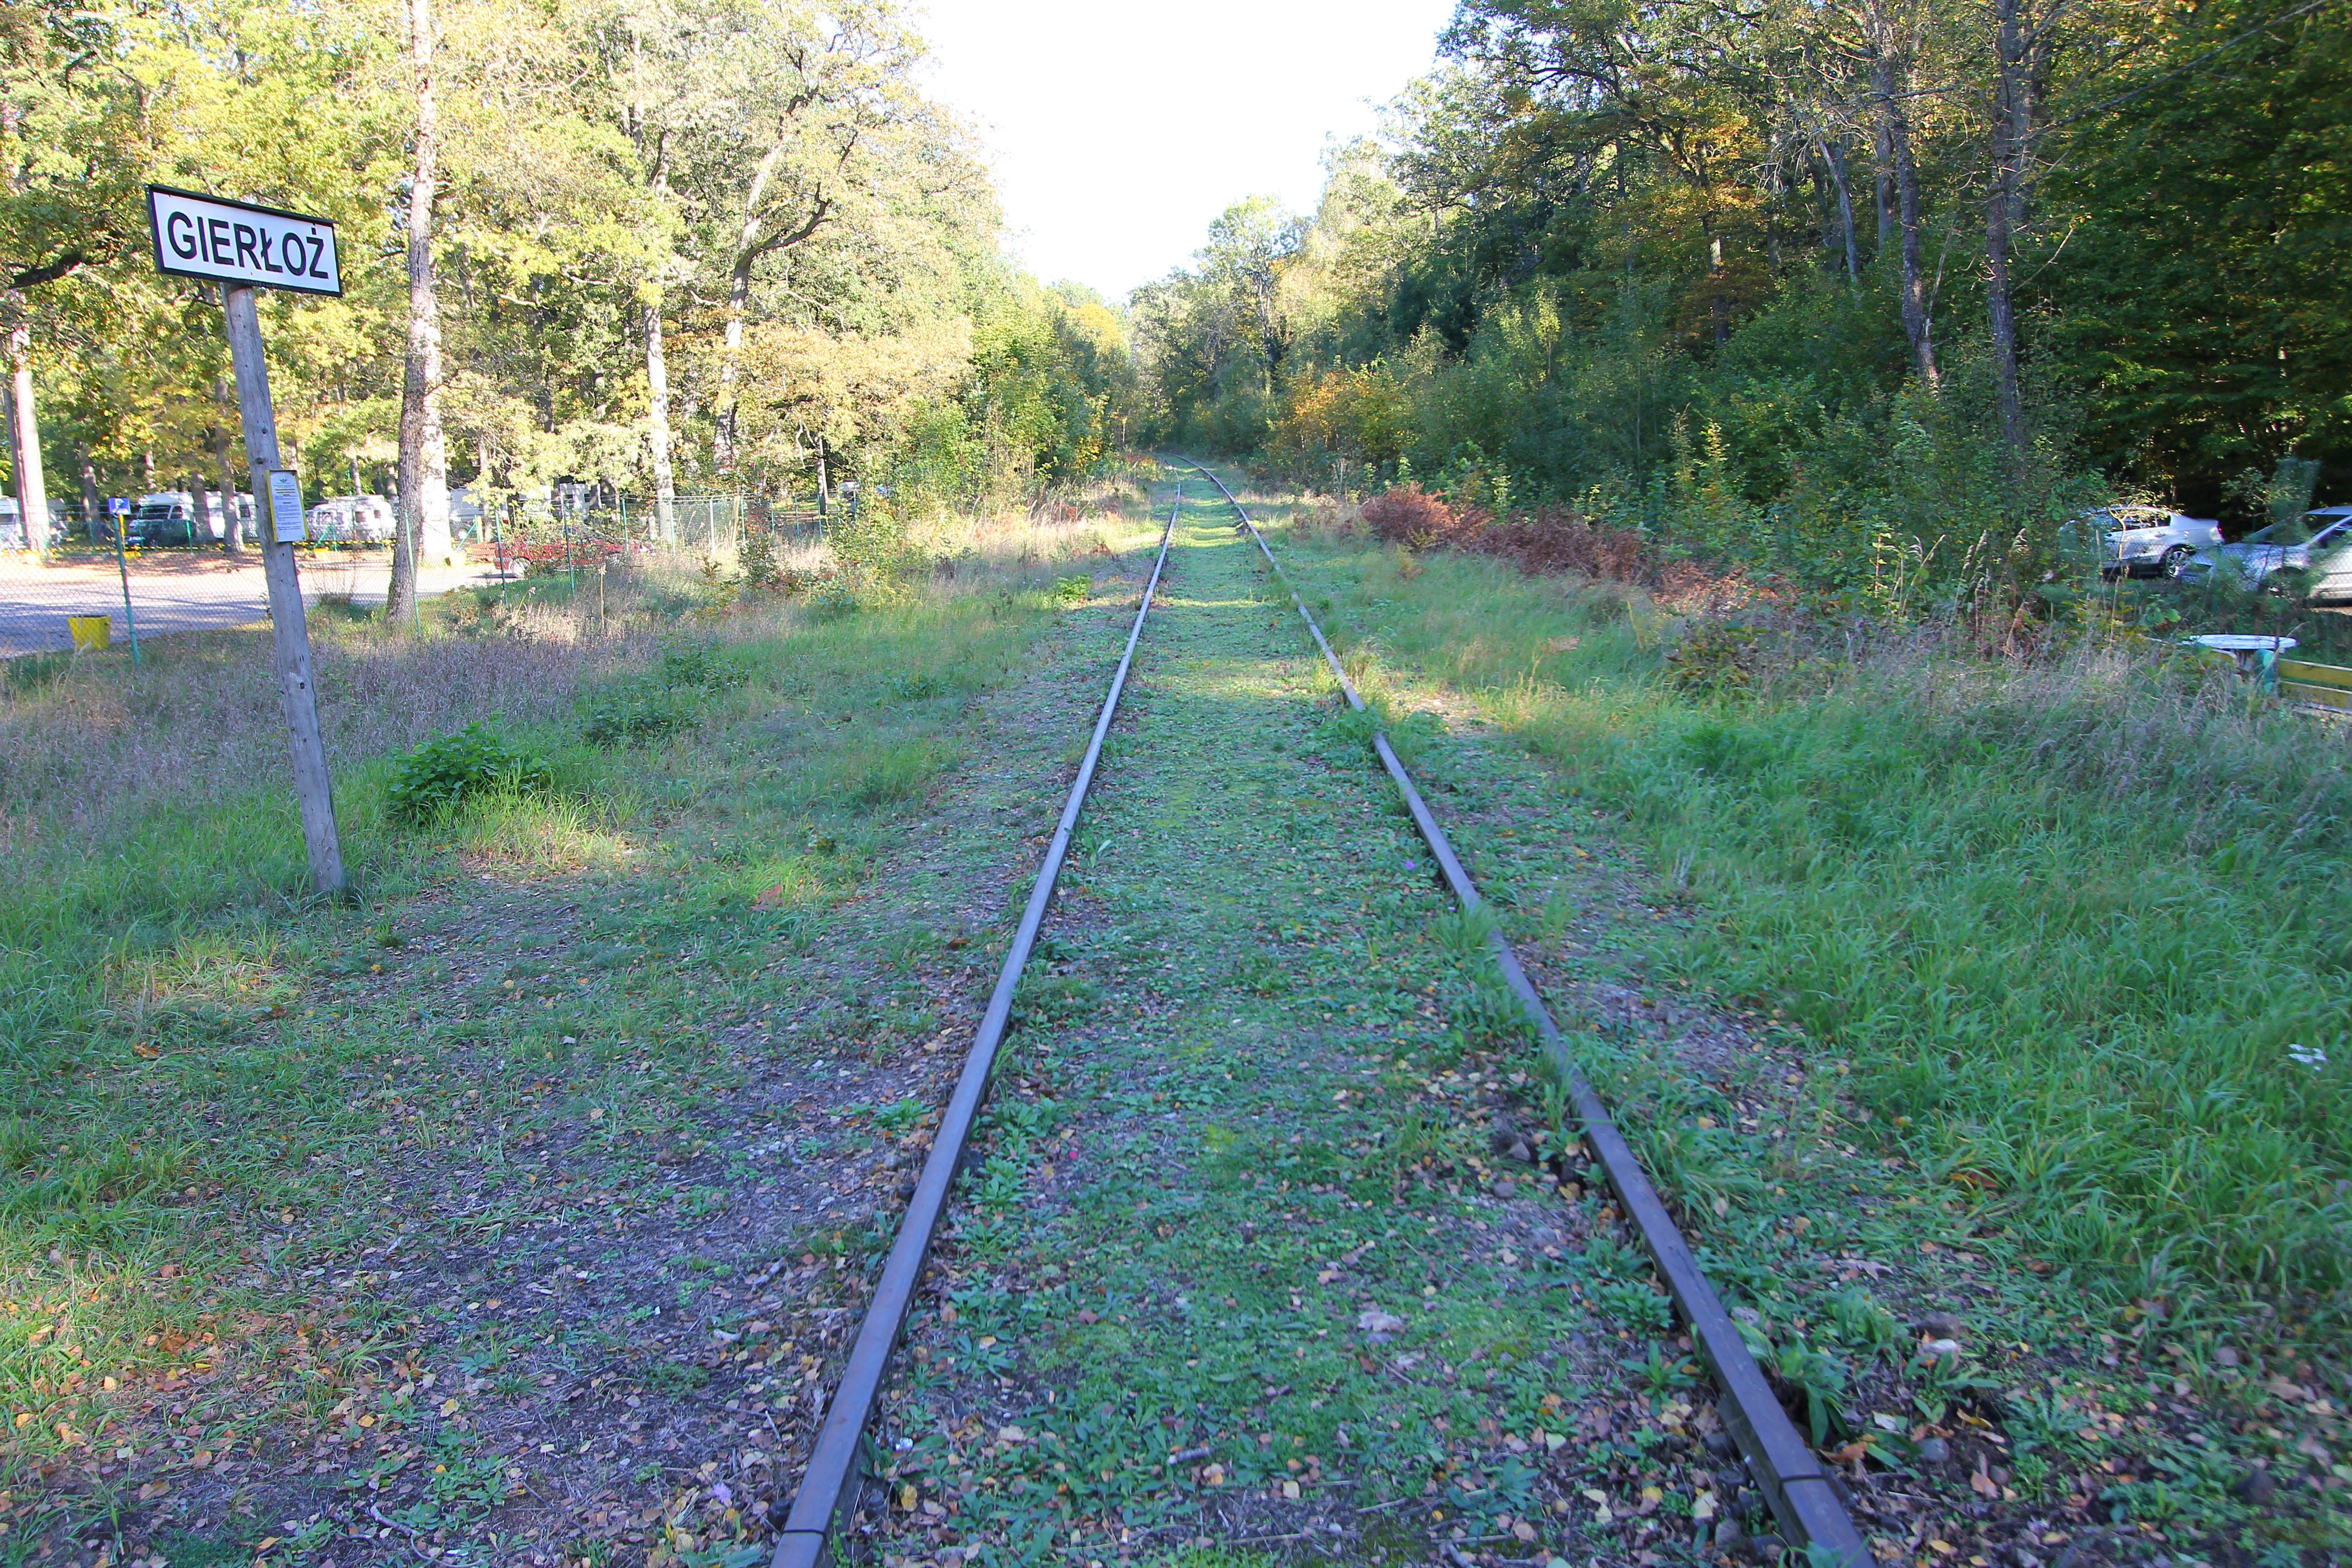 Vi krydser jernbanen ved Gierloz som området hedder. Jernbanen blev bl.a. brugt af Hitler og til transport af forsyninger til området. Du kan lige skimte vores campingvogne og autocampere i baggrunden. Jeg ankommer som den sidste, så jeg er sikker på at der ikke holder nogen på landevejen som er kørt i stykker.